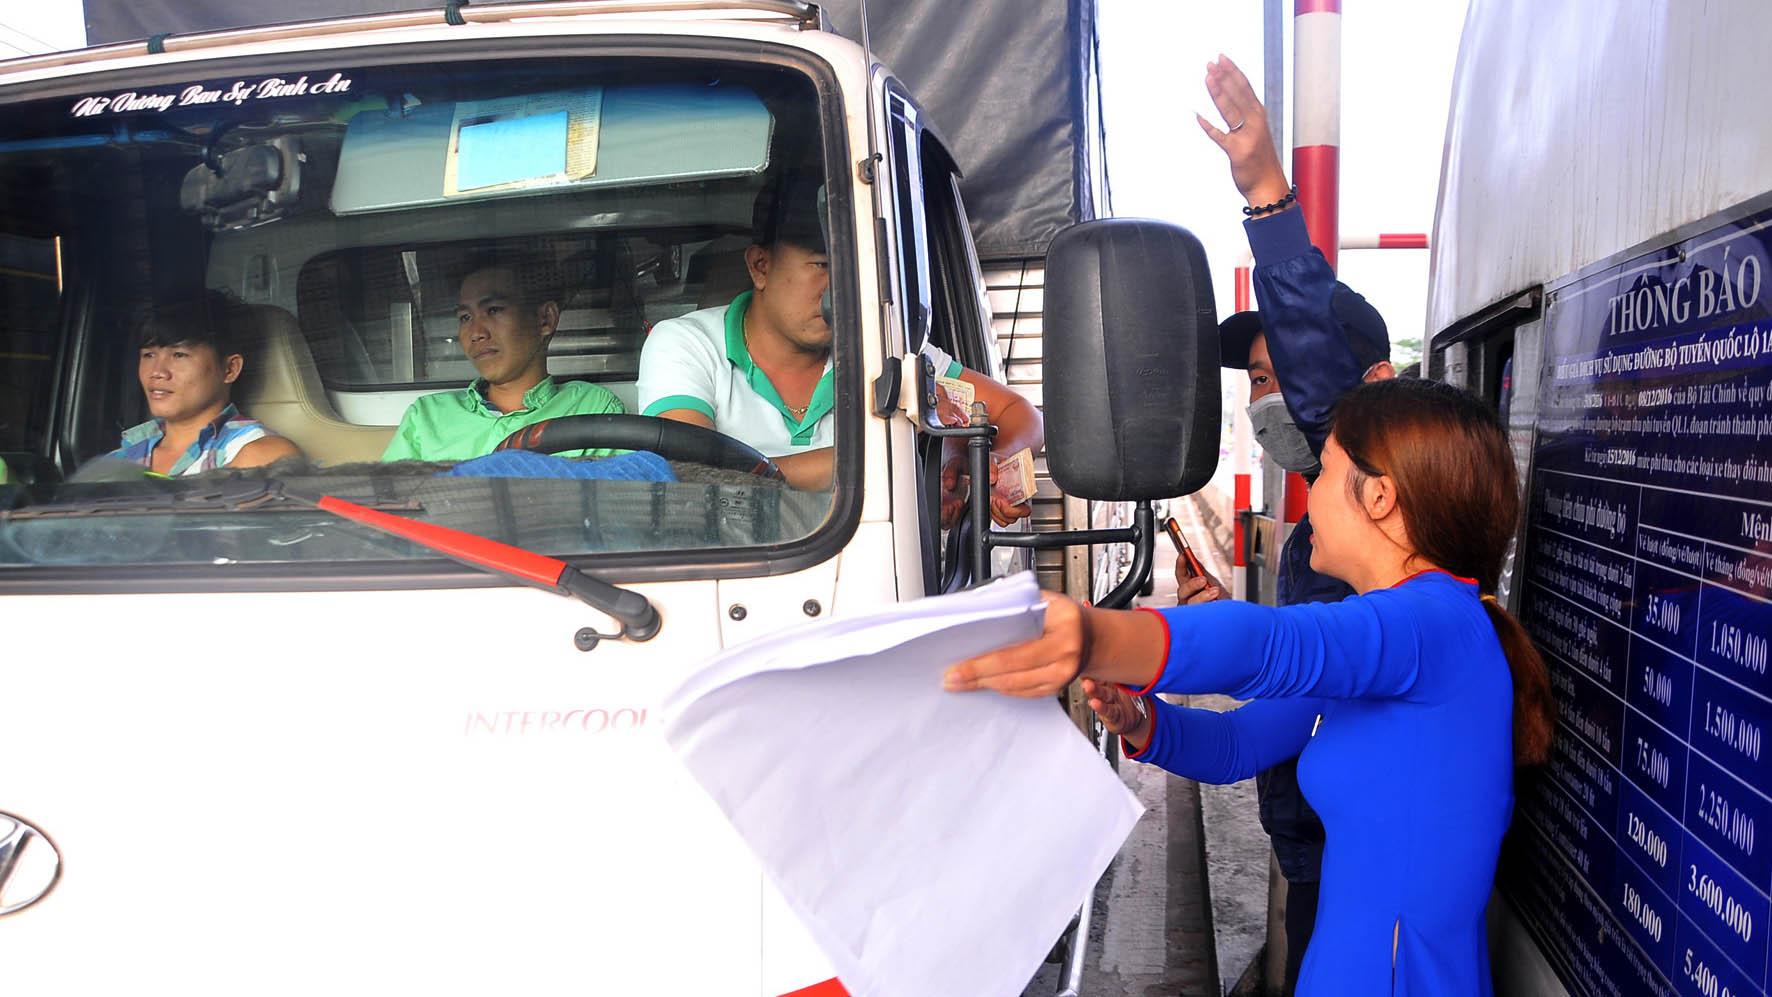 Vì sao tài xế phản kháng trạm thu phí tuyến tránh Biên Hòa? - Ảnh 1.